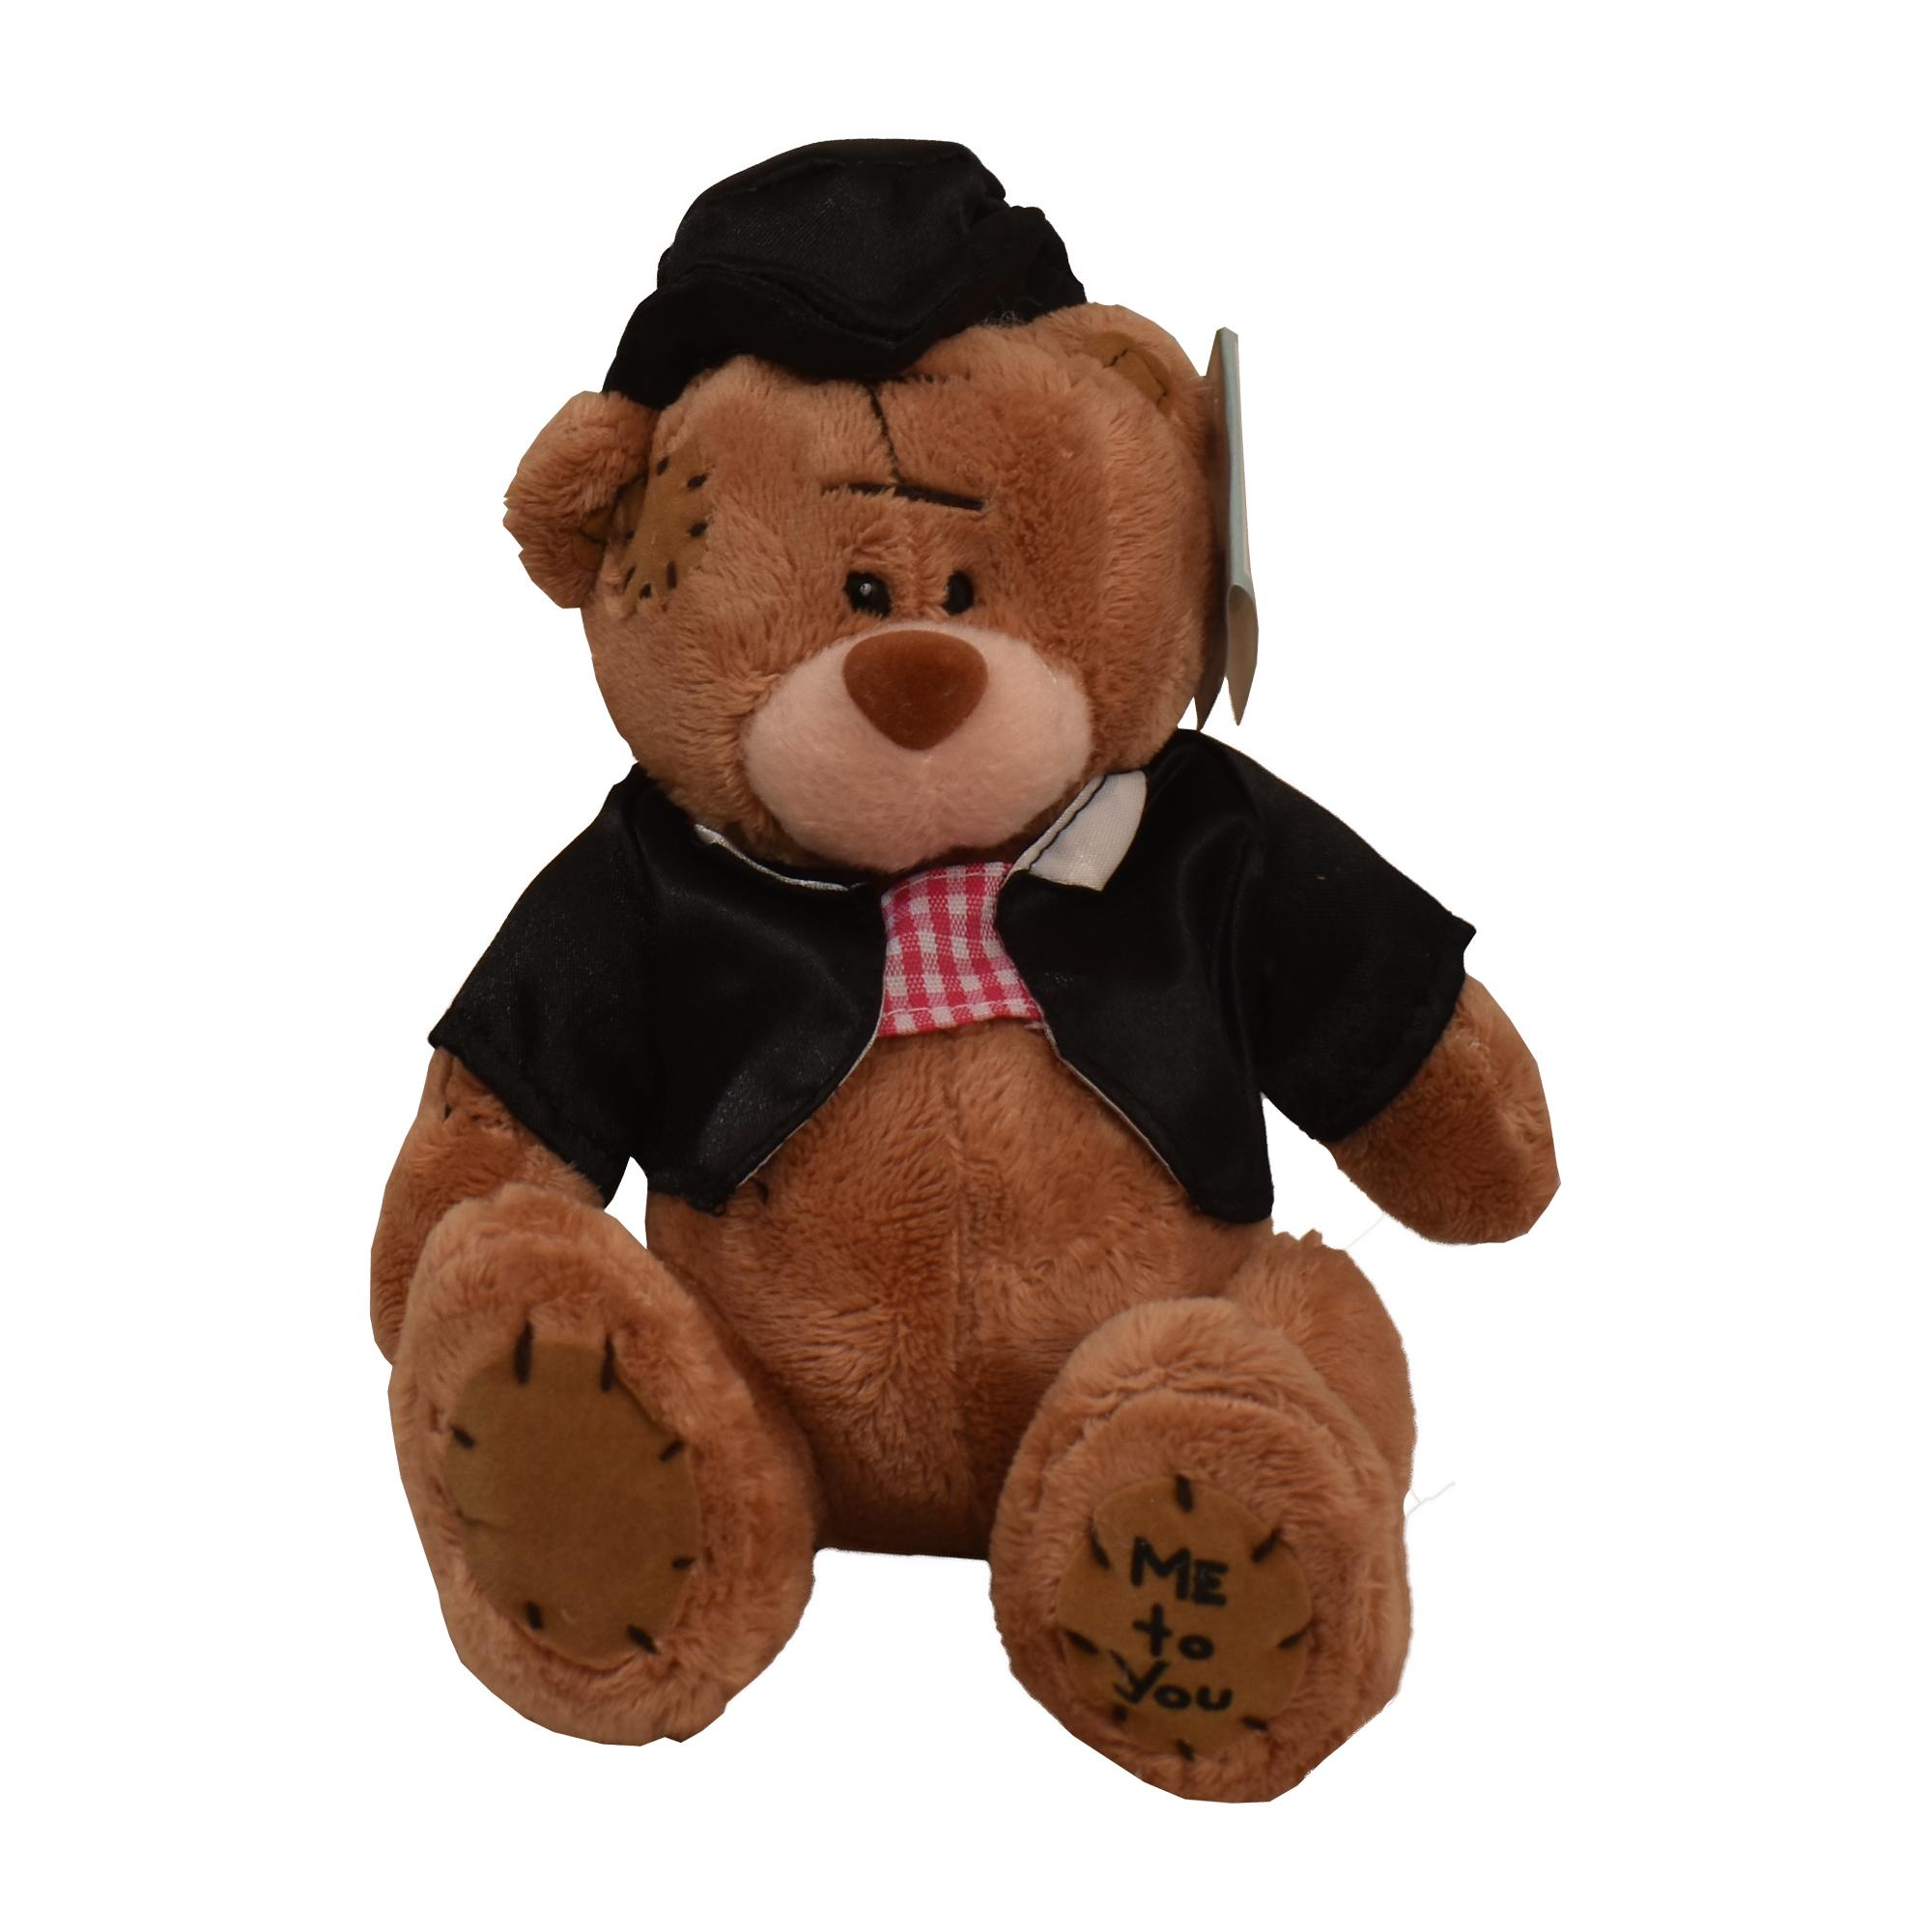 عروسک می تو یو طرح خرس داماد ارتفاع 15 سانتی متر